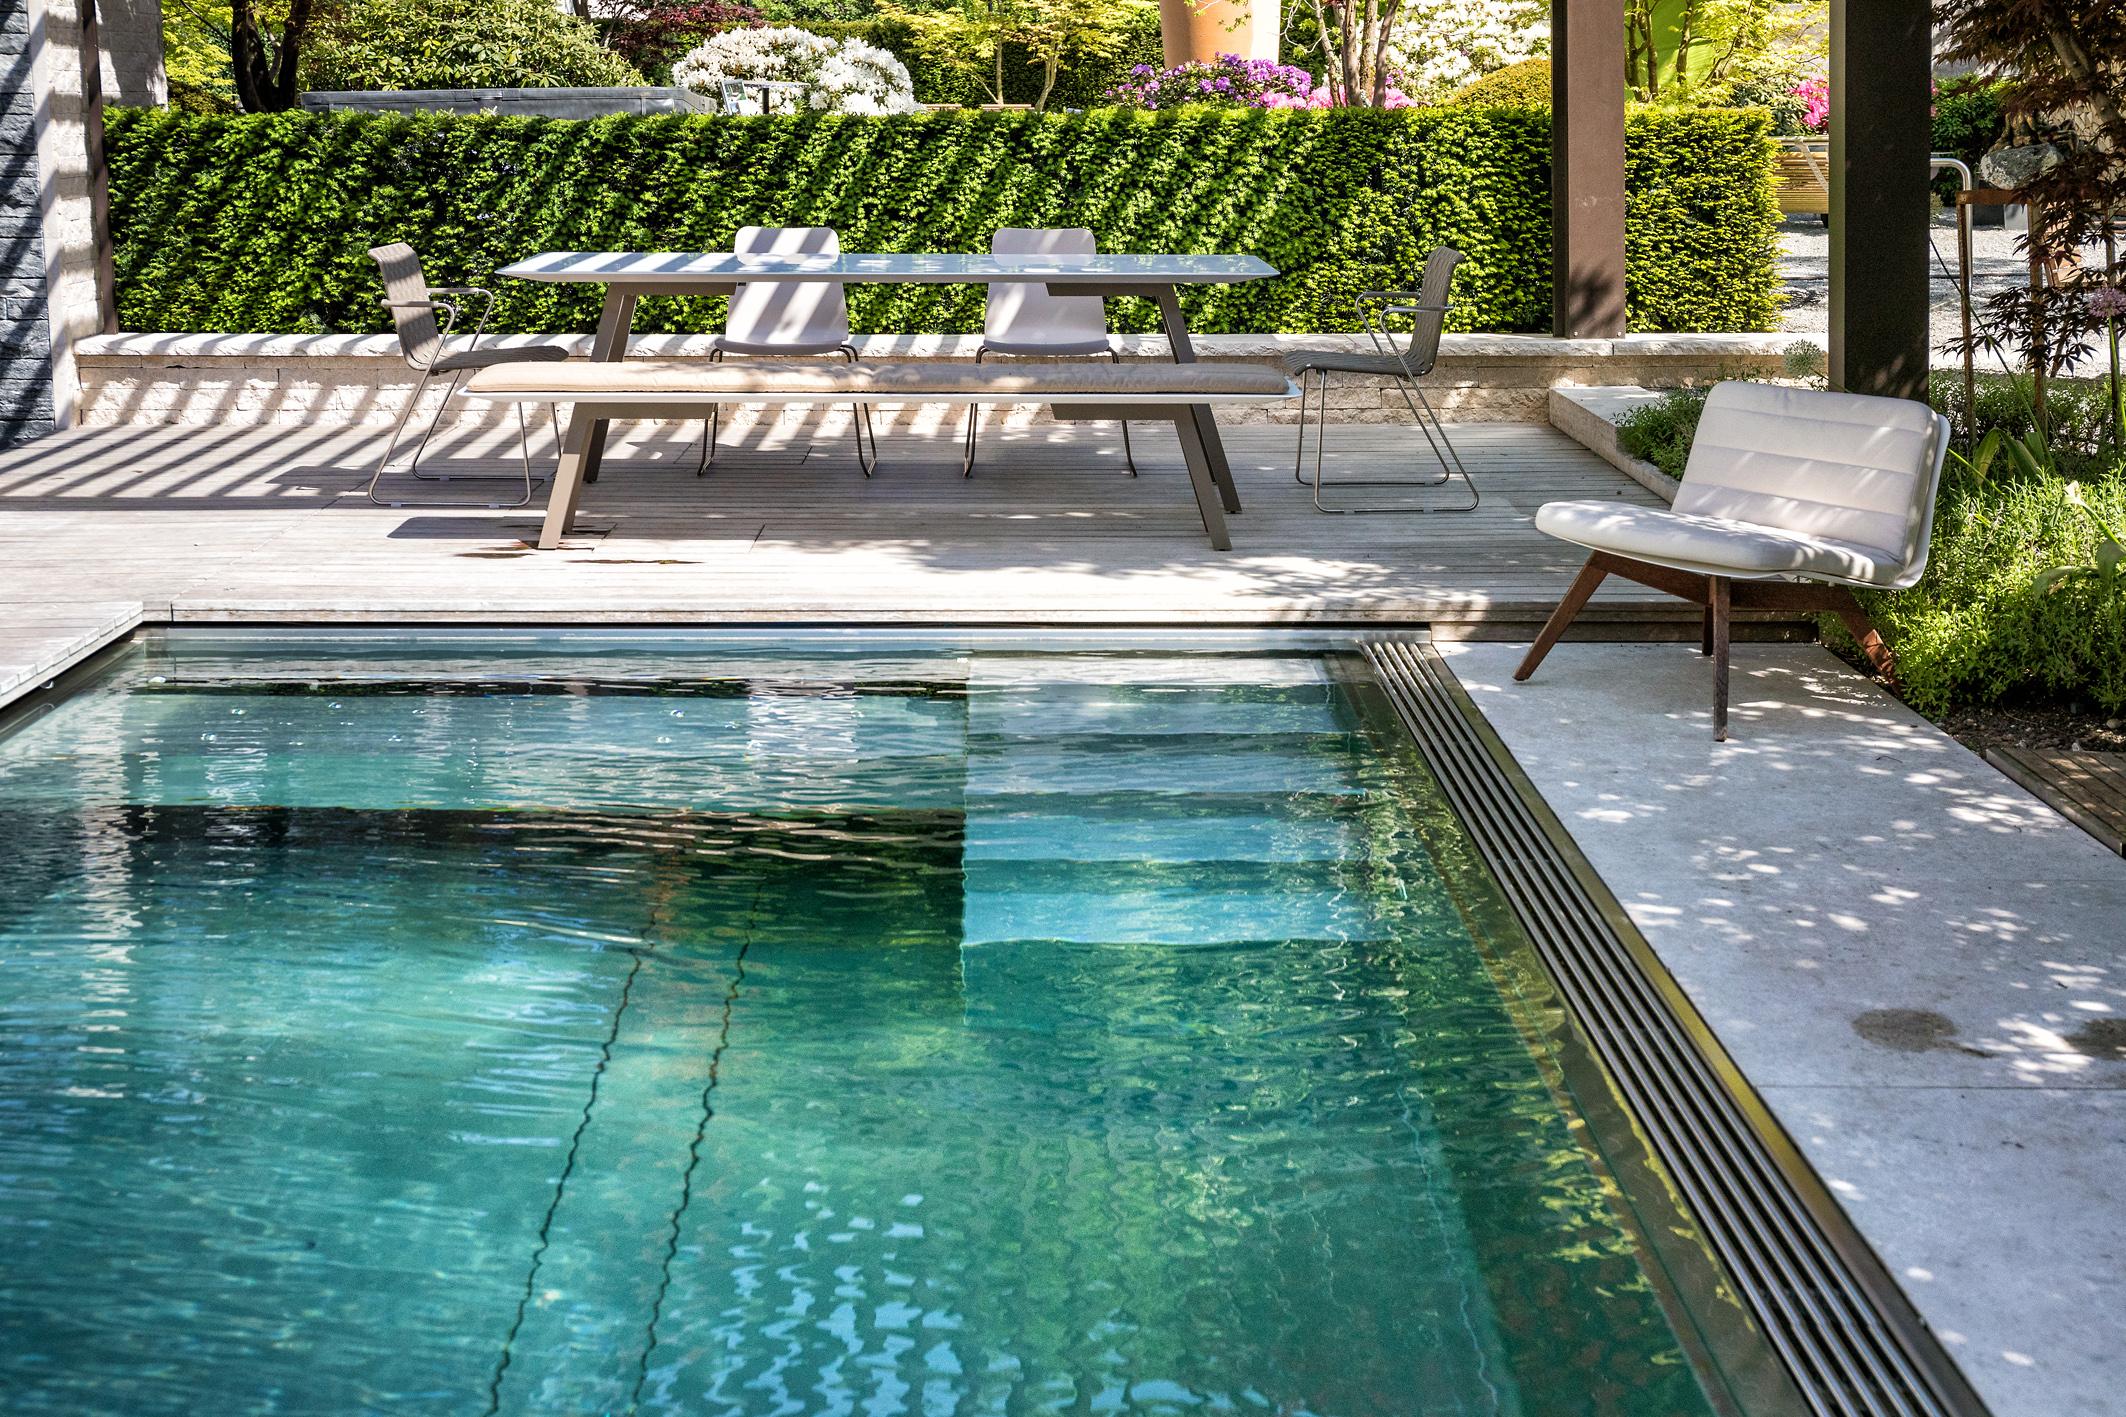 Pool Kosten Im Jahr : pool im garten darf ein mieter einen aufstellen rechtslage ~ Watch28wear.com Haus und Dekorationen